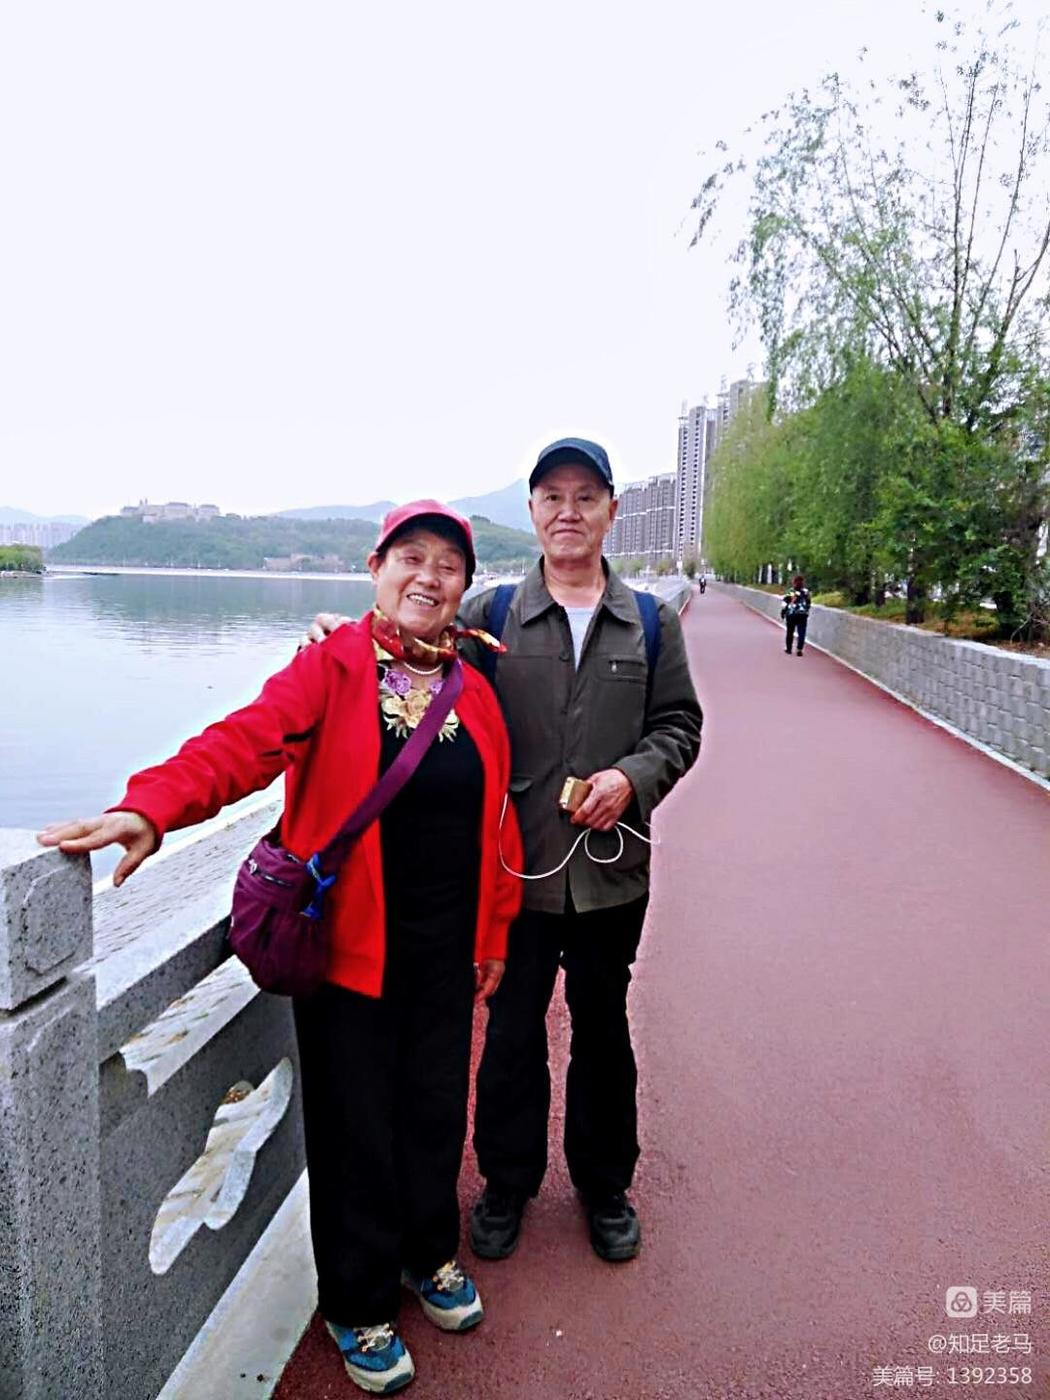 退休十五年有感【诗词习作】 - 知足老马 - 知足老马